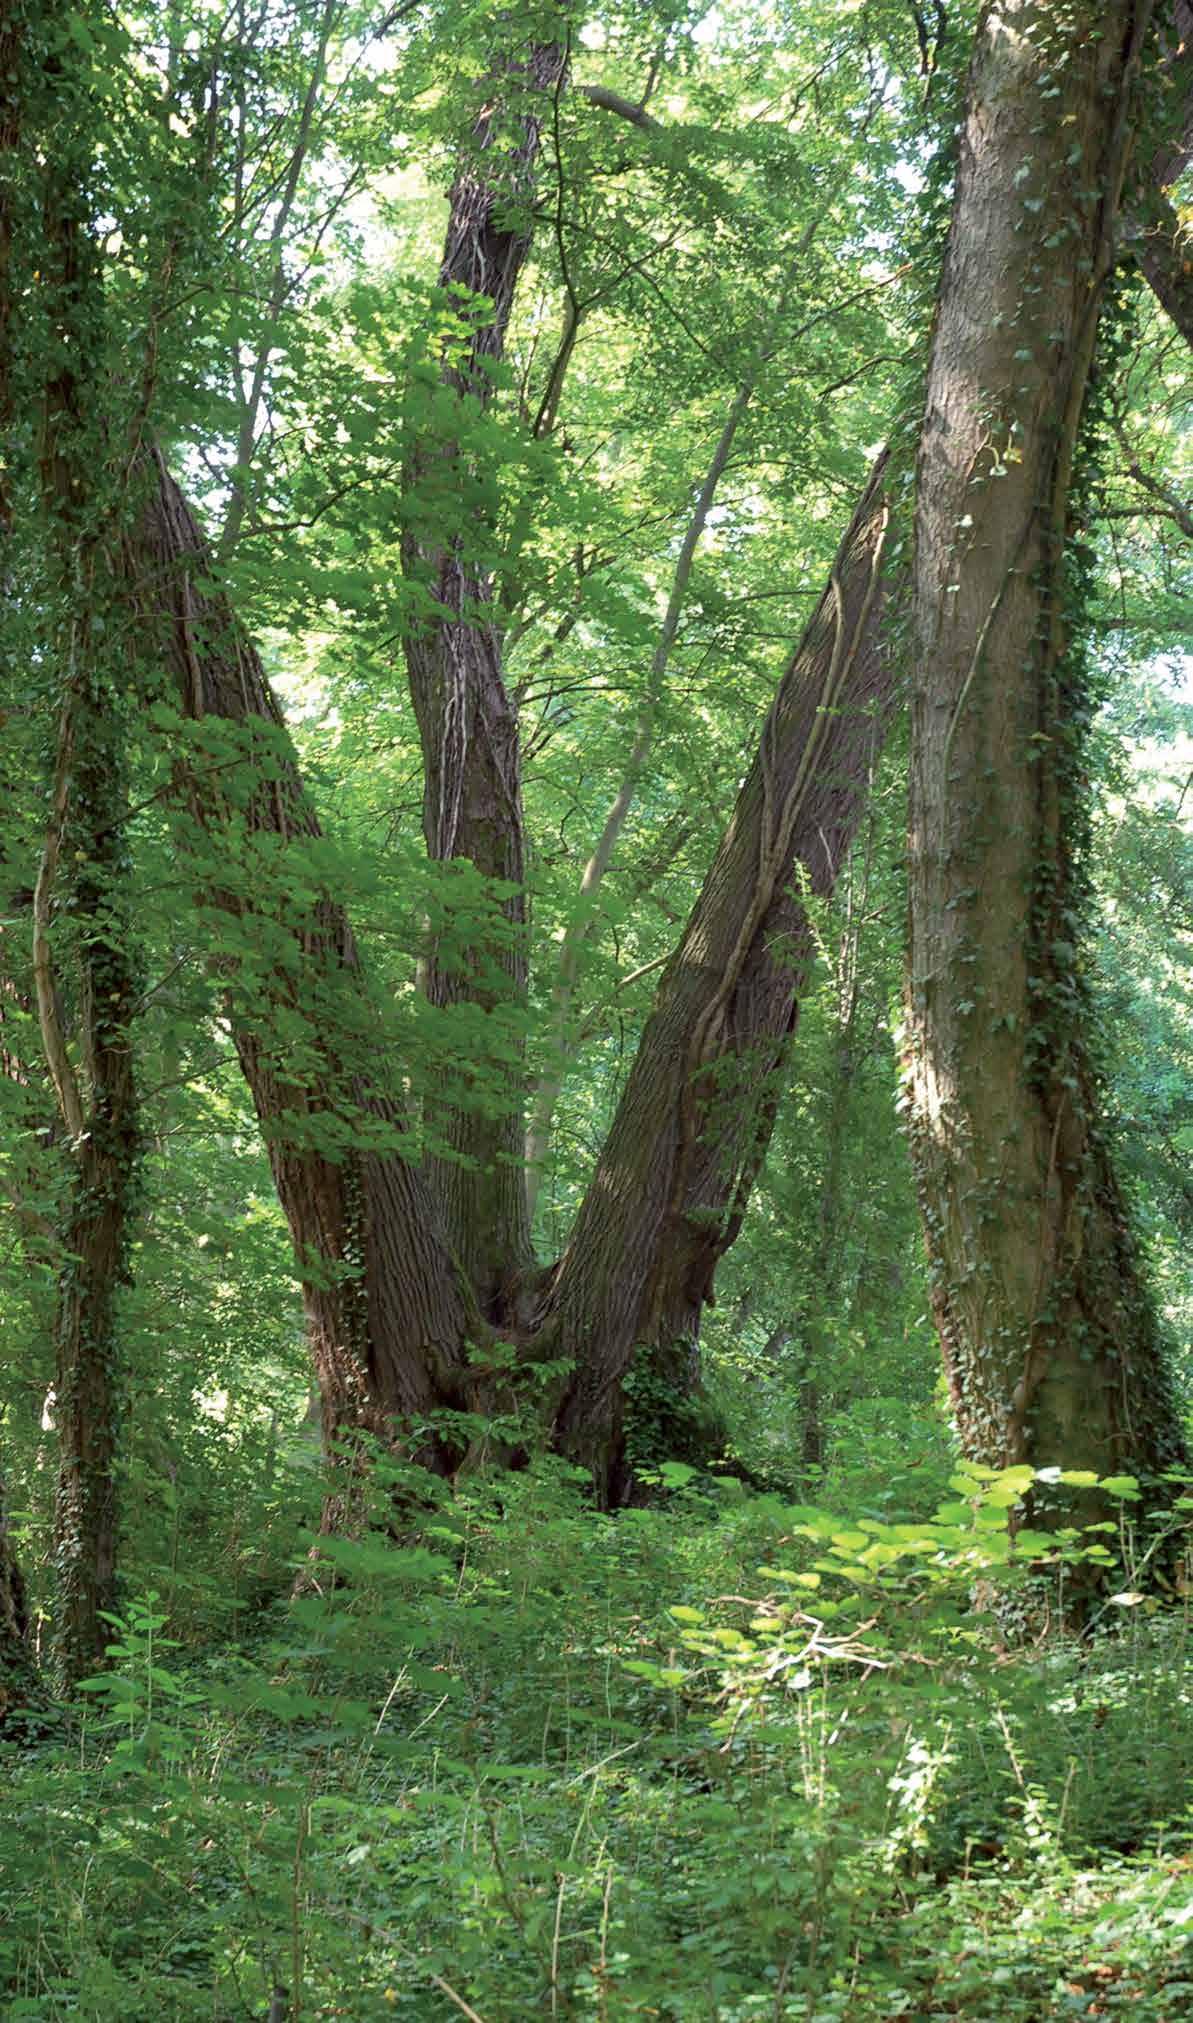 Eine Vorliebe der Baroness Johanne Christiane von Uckermann waren mehrstämmige, teils ineinander verschlungene Baumriesen. Hierfür wurden mehrere Einzelbäume nah beieinander gepflanzt (Fotograf: L. Koch).